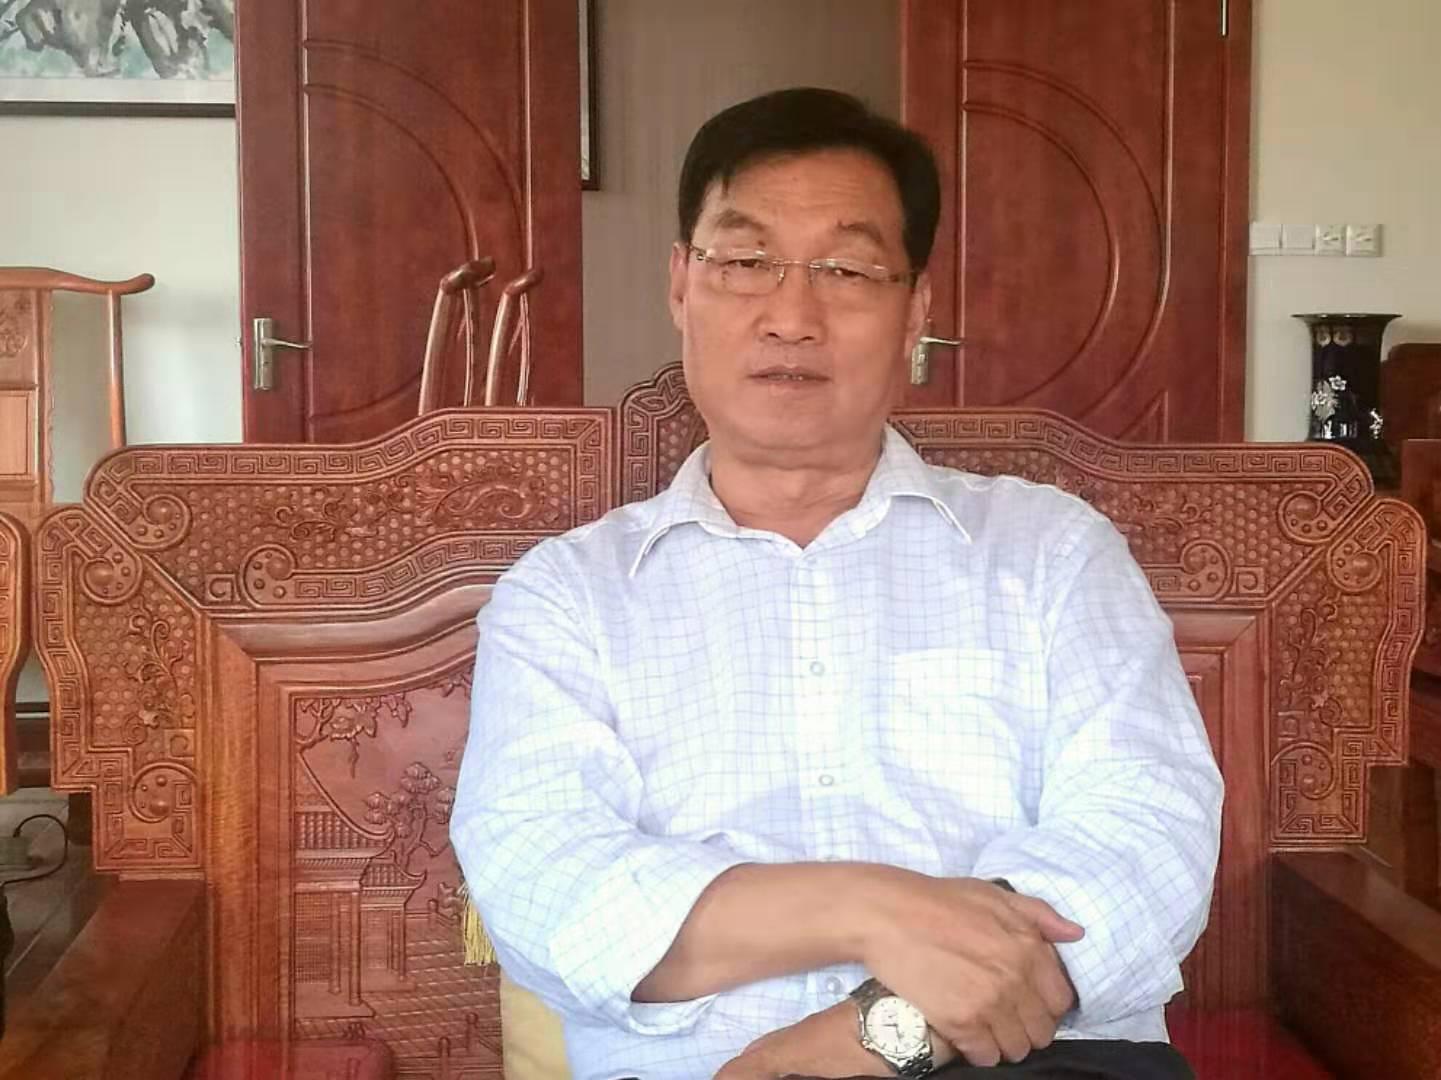 洛阳收藏家协会执行副会长杨书方入驻墨缘斋文化网